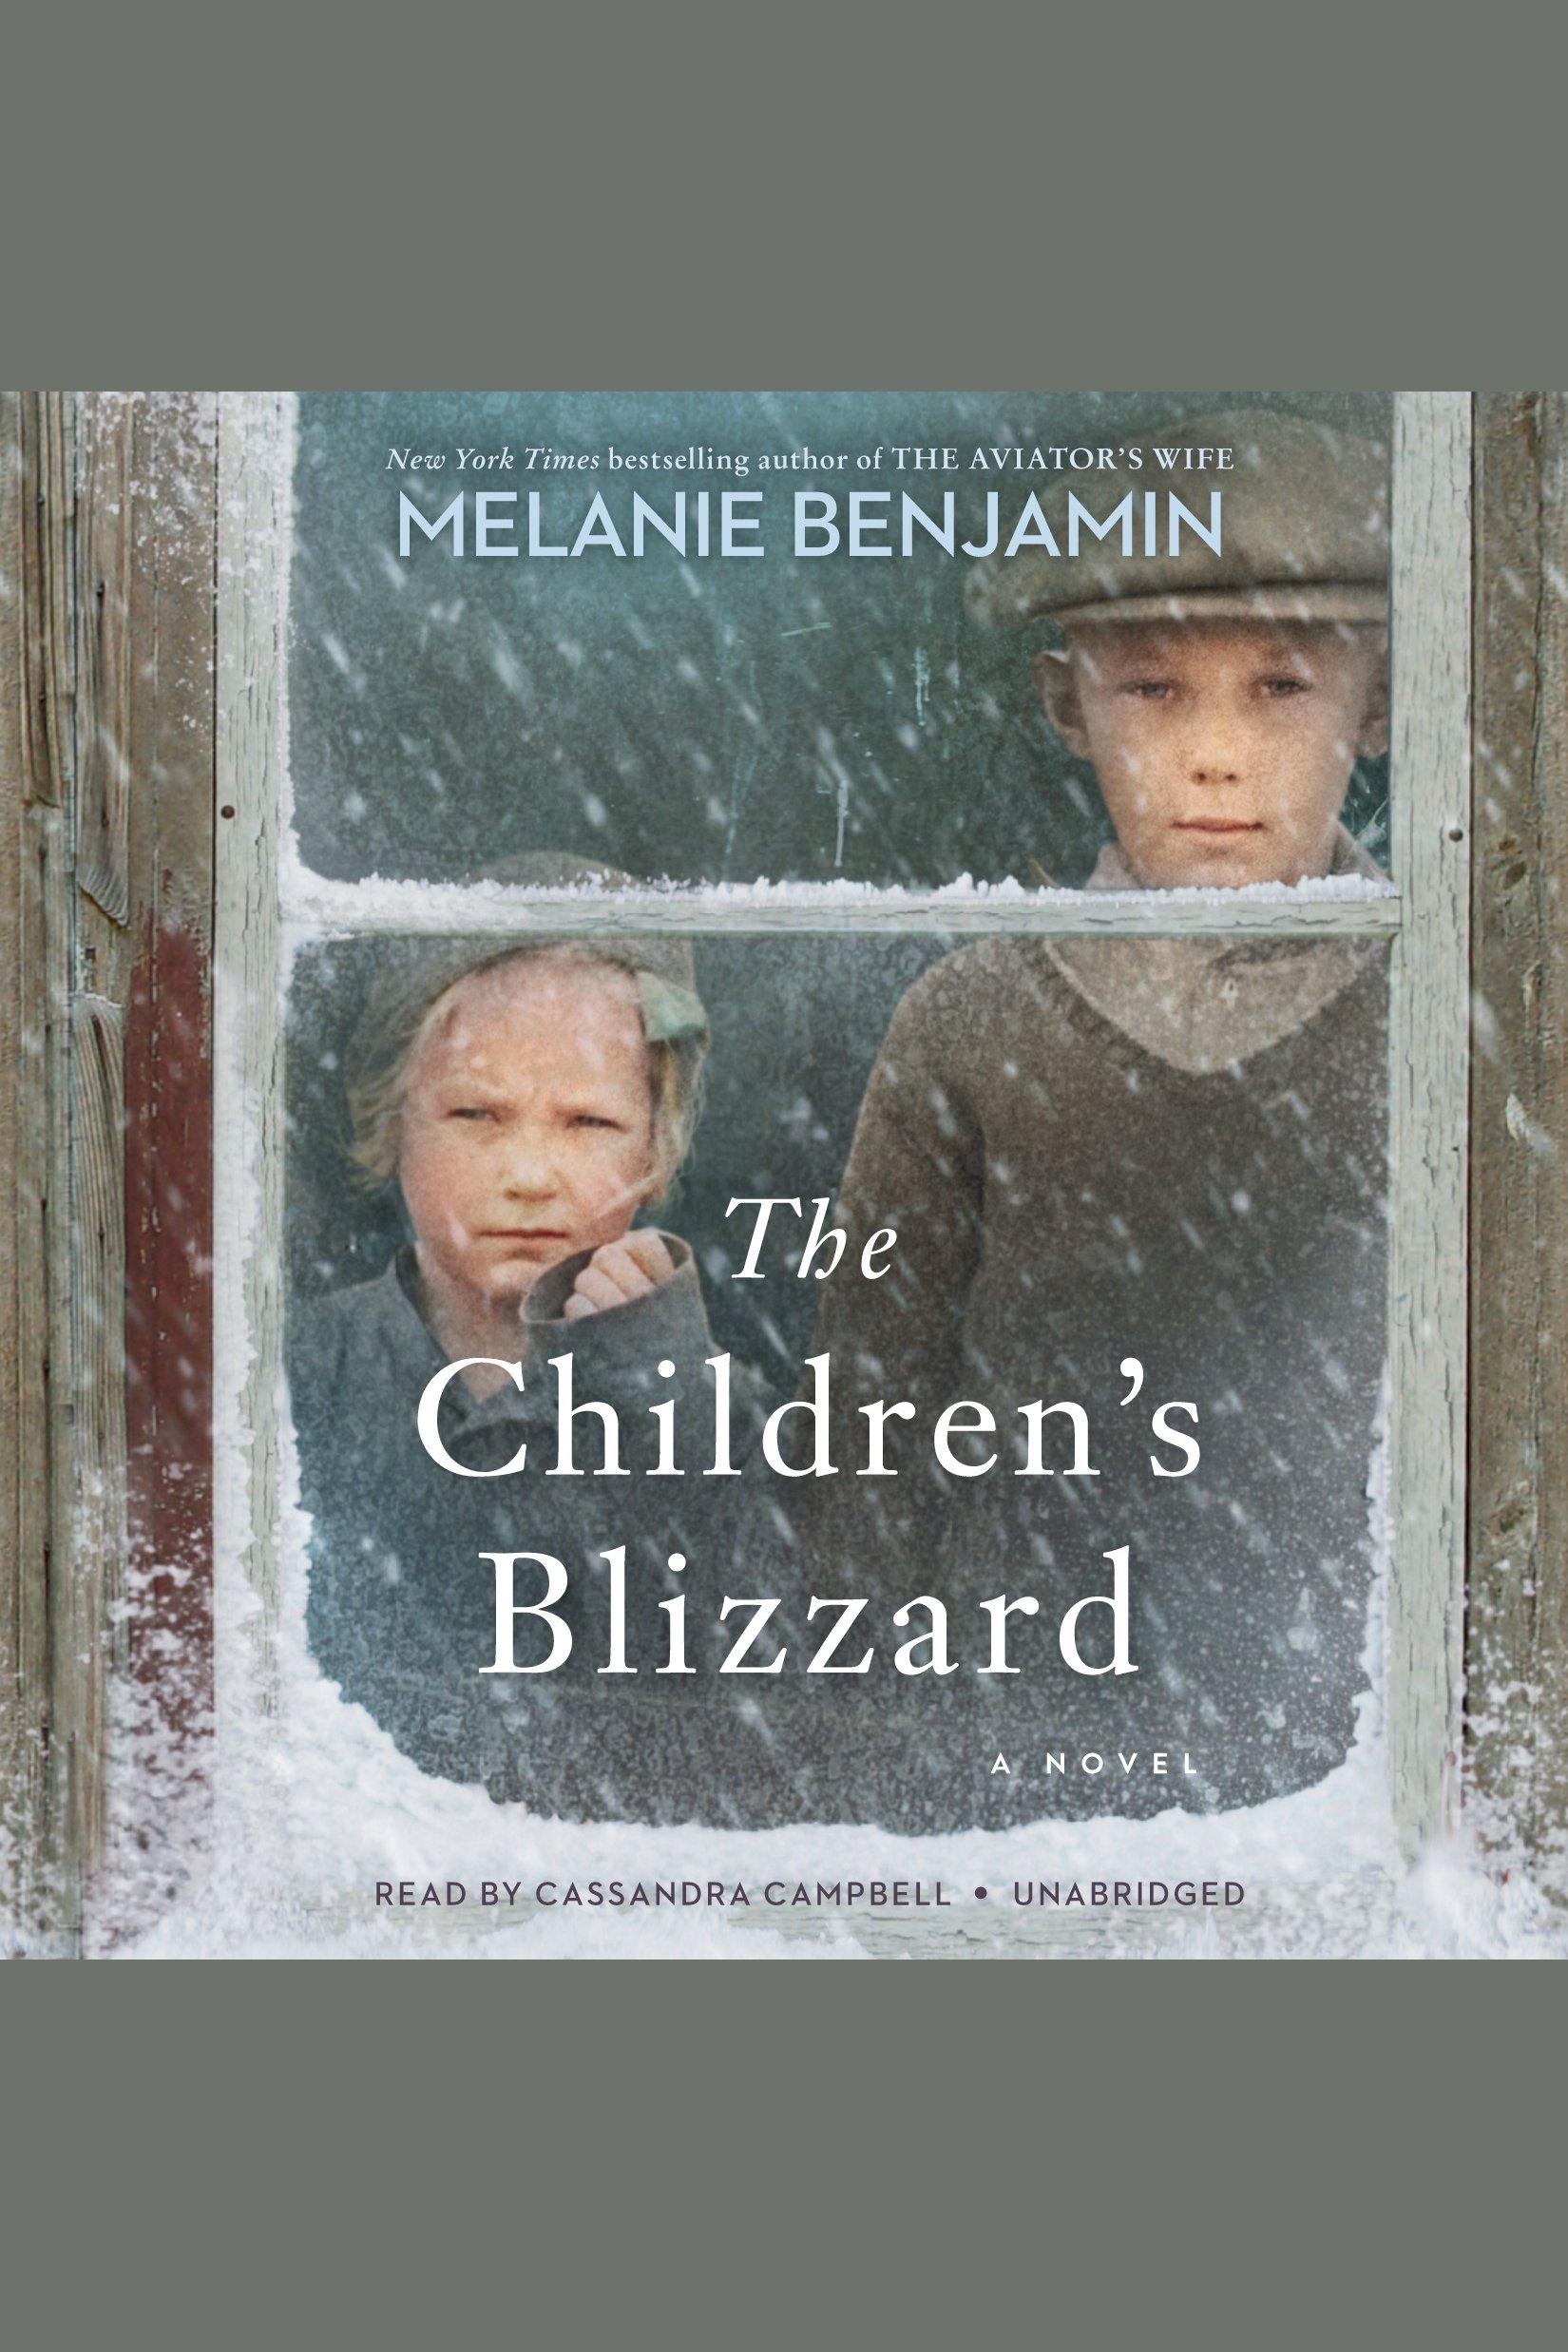 Children's Blizzard, The A Novel